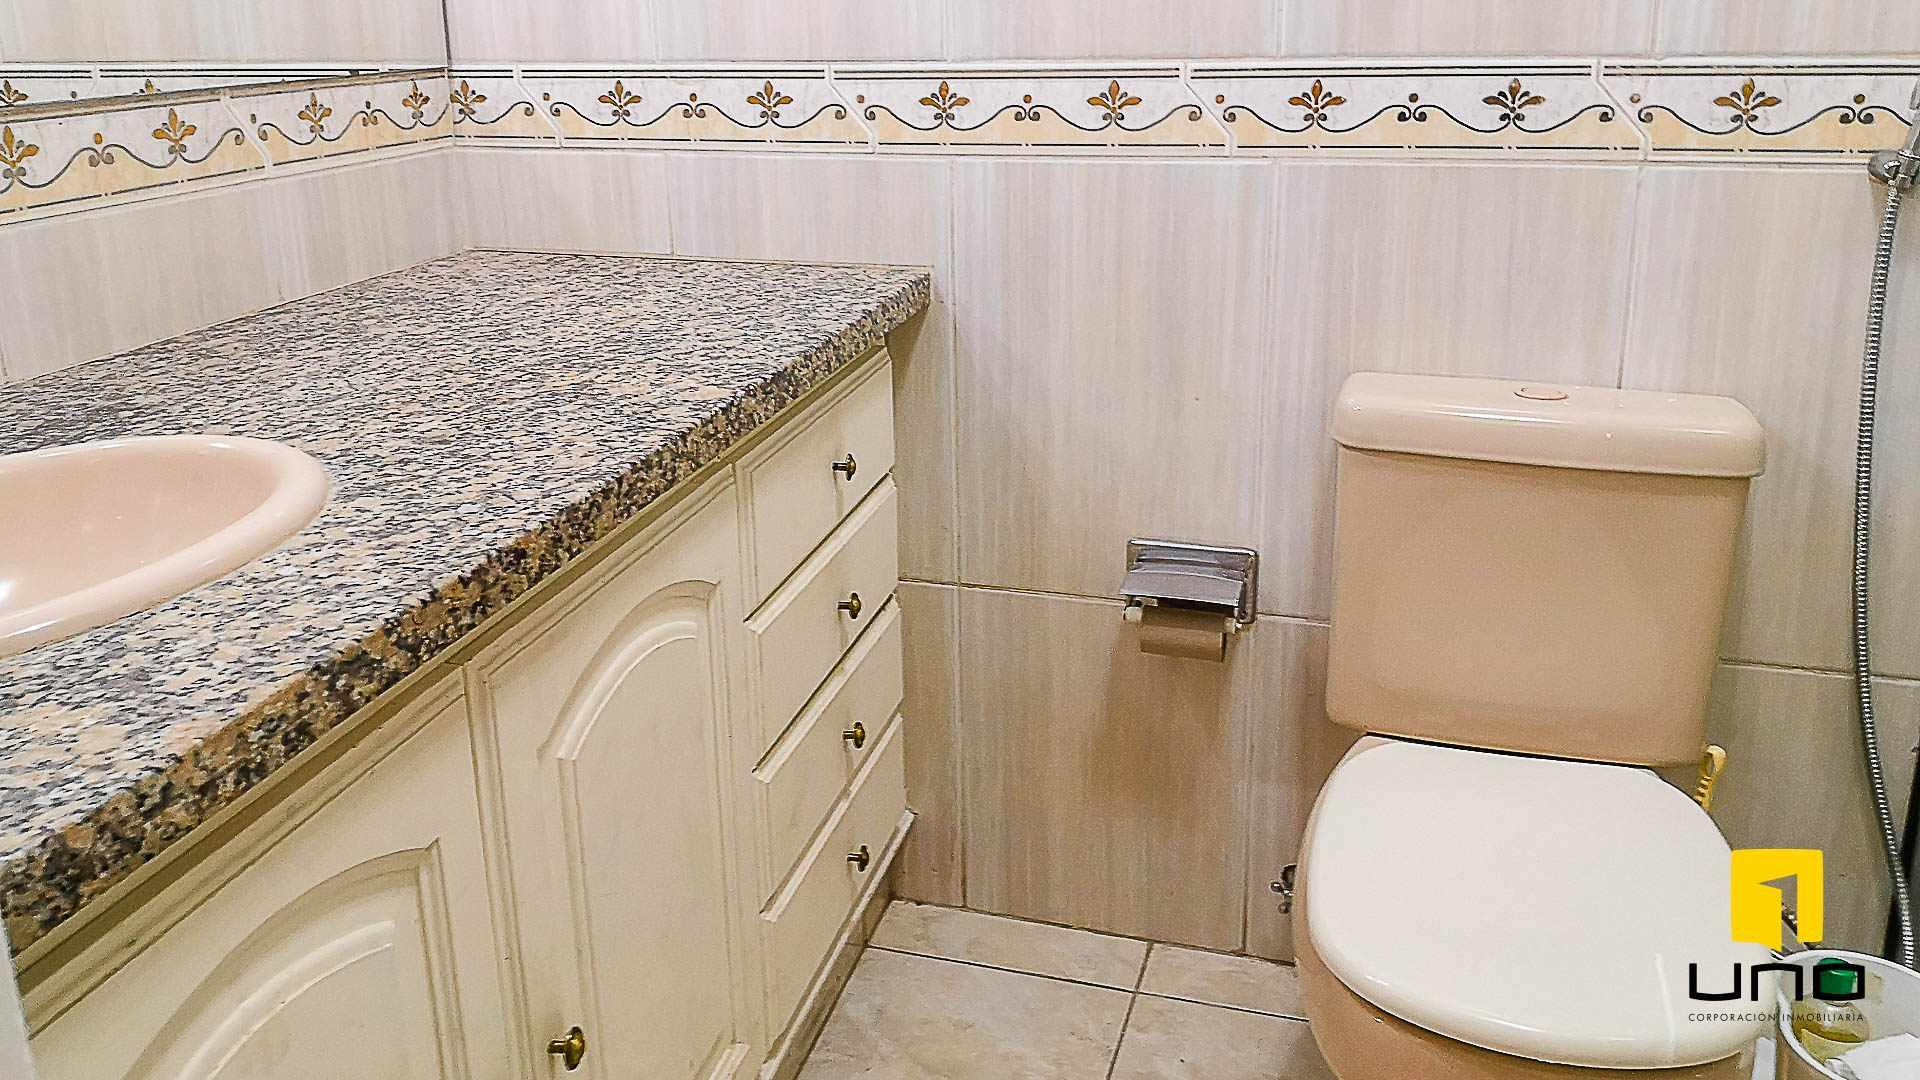 Casa en Venta $us 150.000 VENDO CASA AV ALEMANA DENTRO 3ER ANILLO TIPO DUPLEX Foto 9